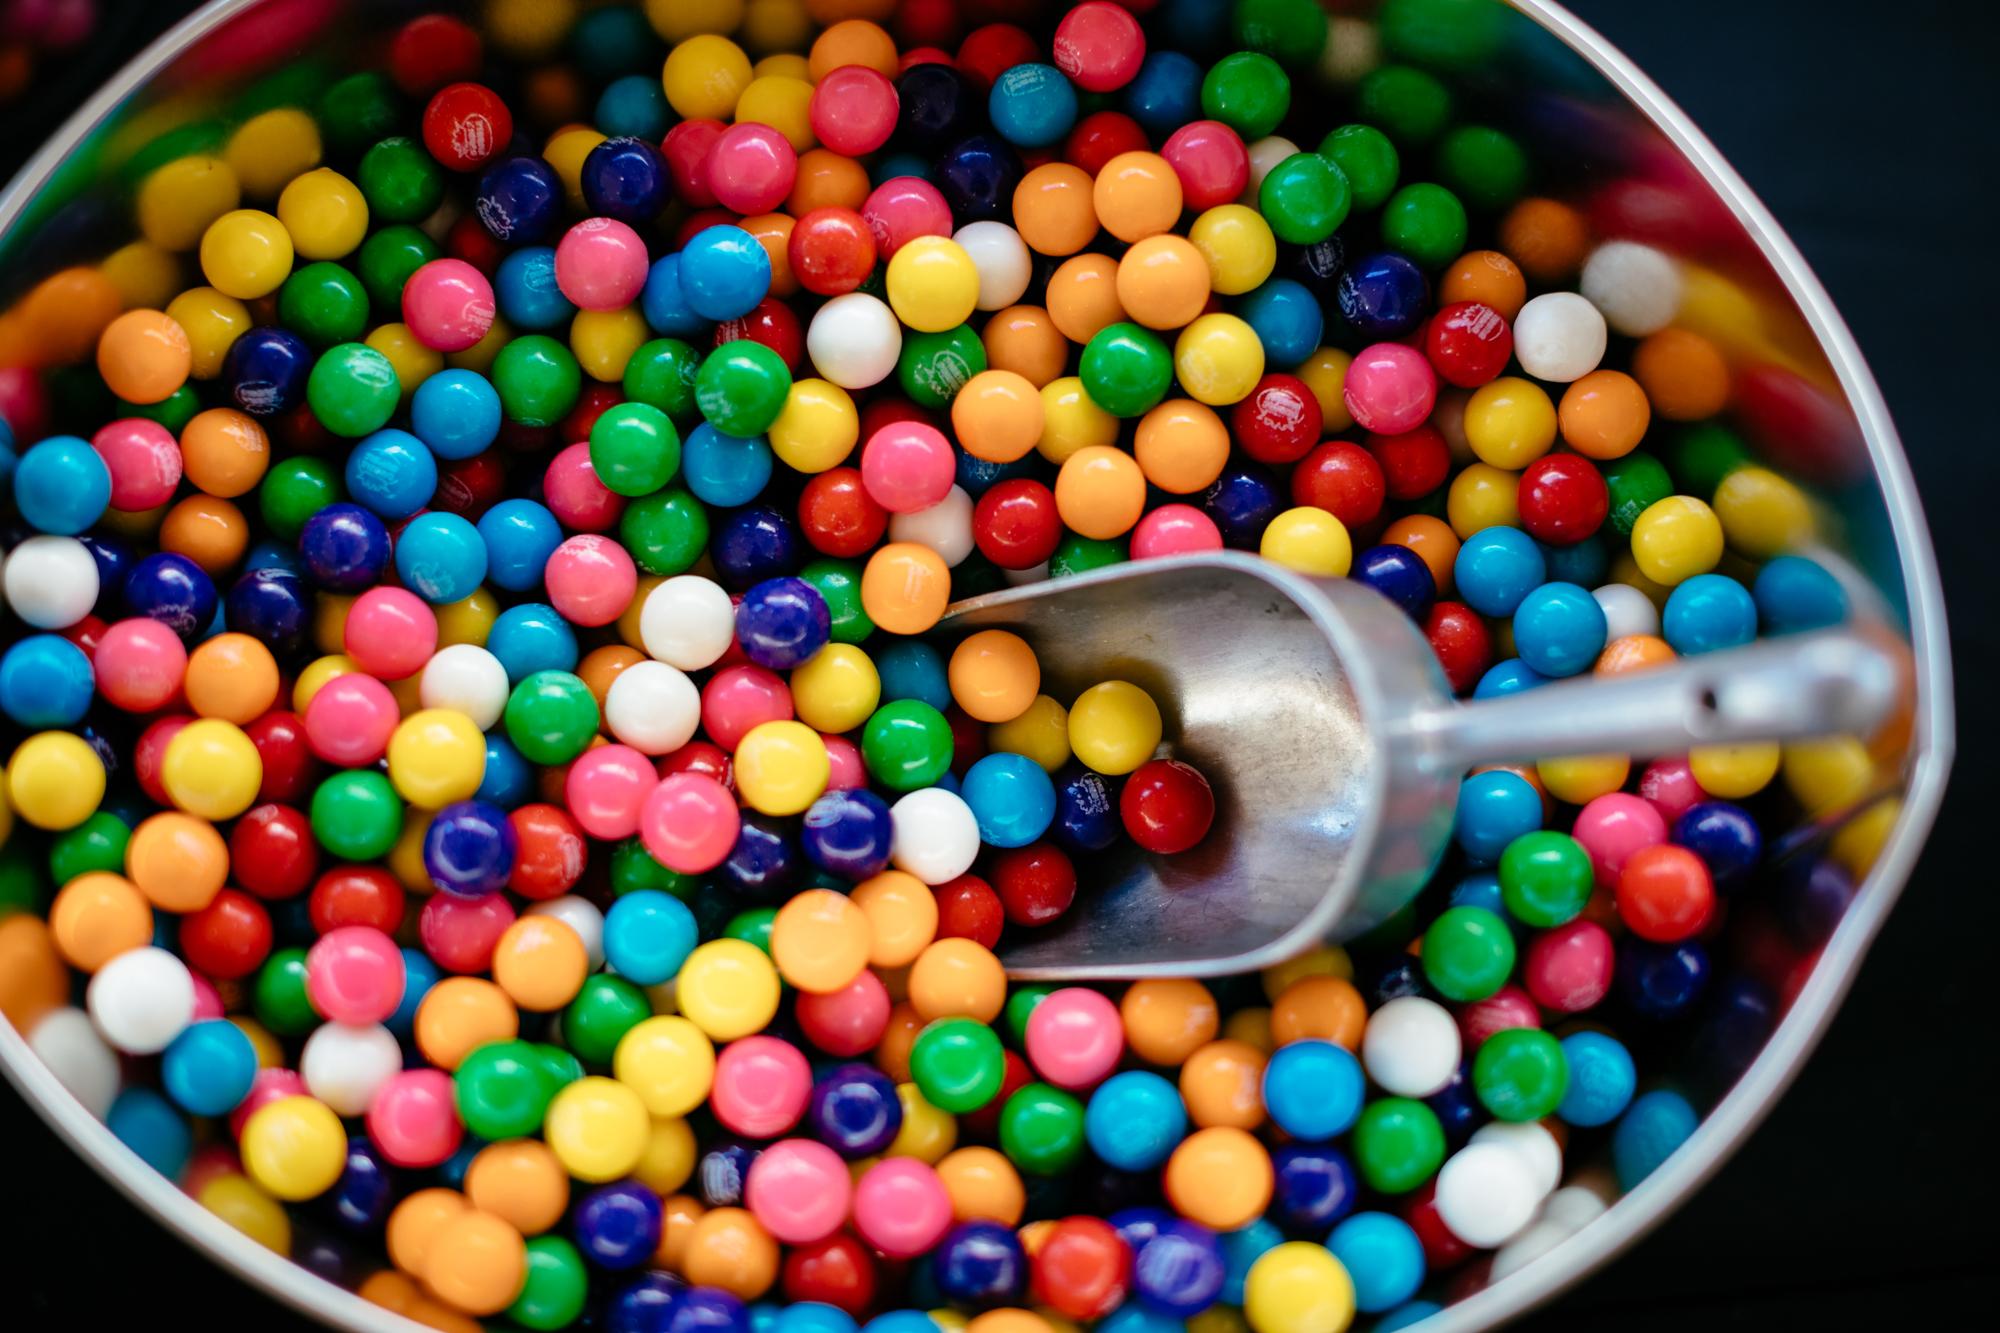 Sweet candy at Dessert Goals.